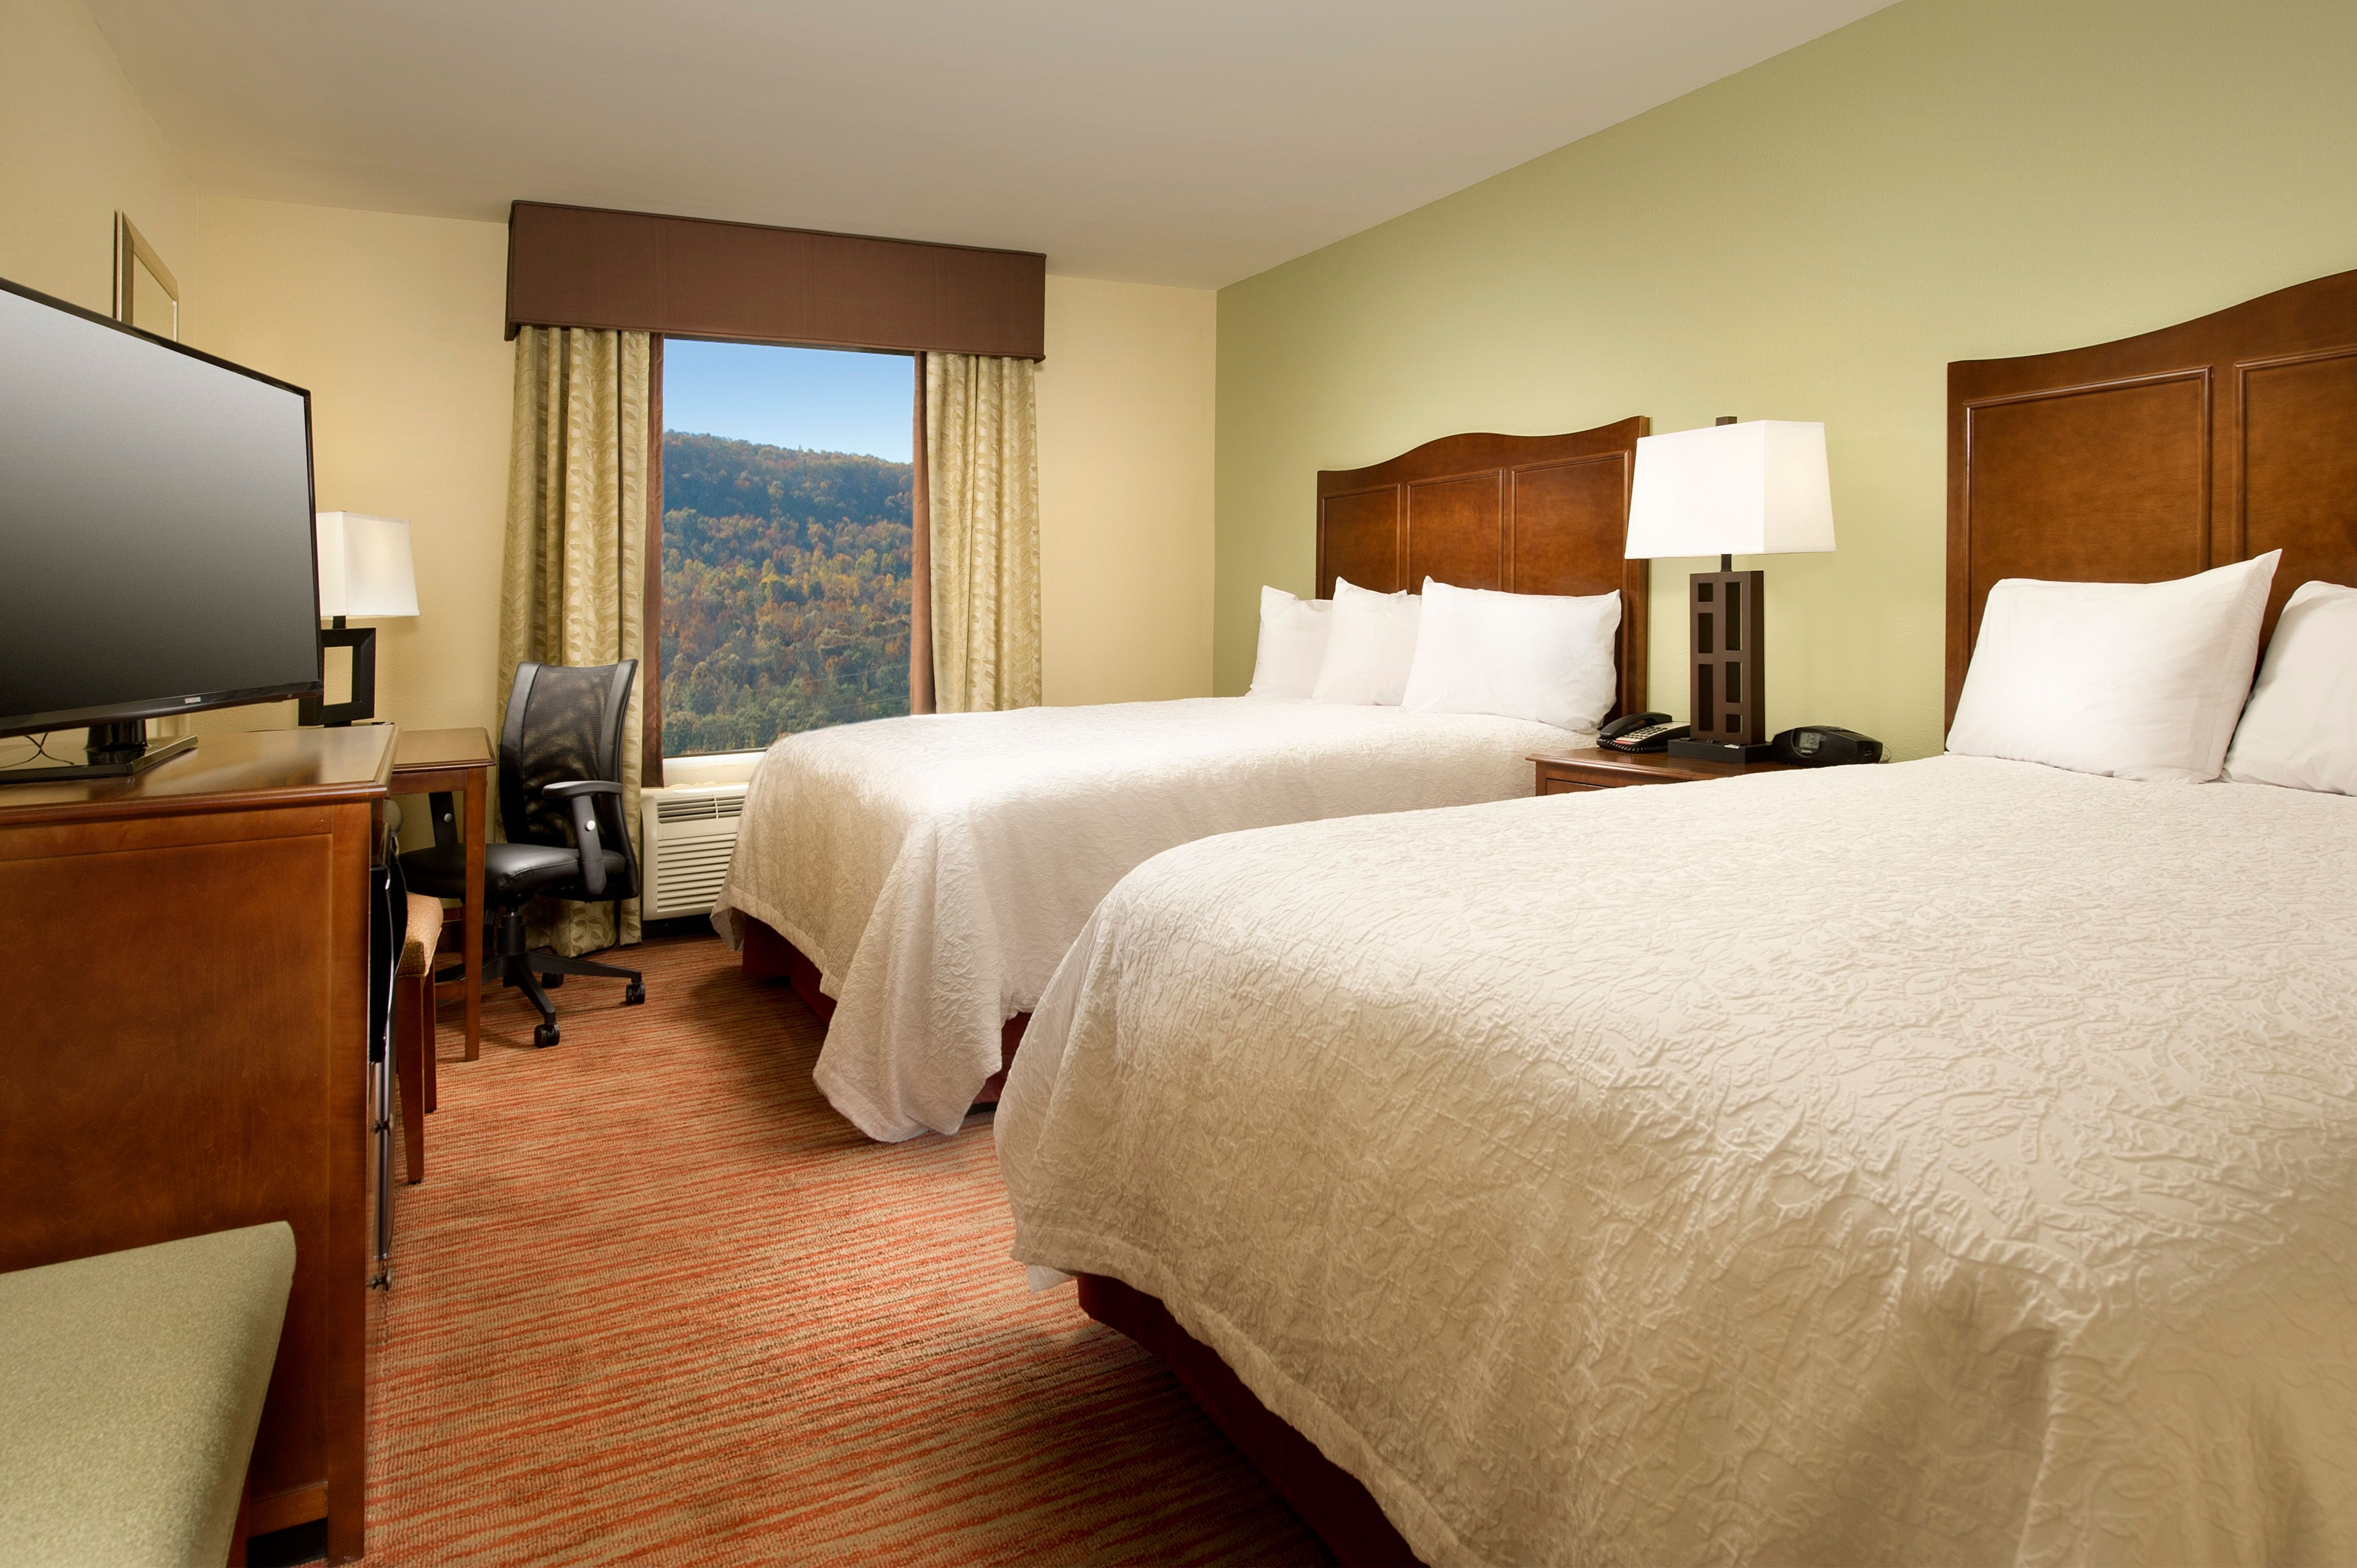 queen double guest room rooms amenities pinterest